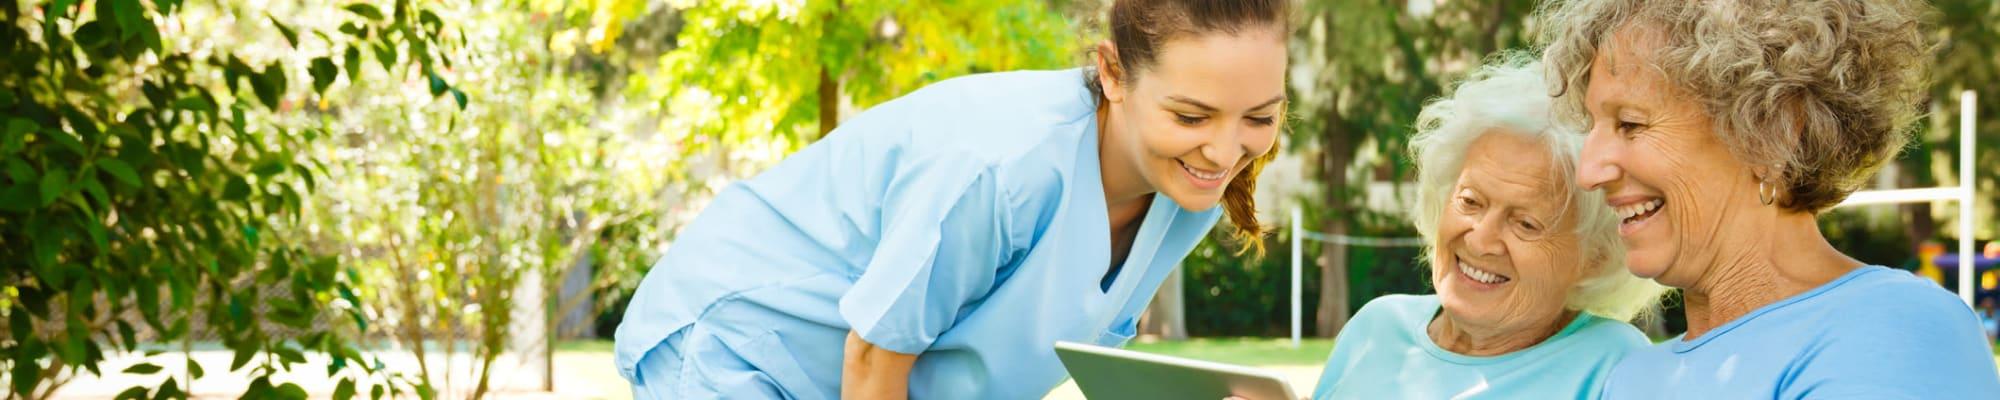 Careers at CERTUS Premier Memory Care Living in Orlando, Florida